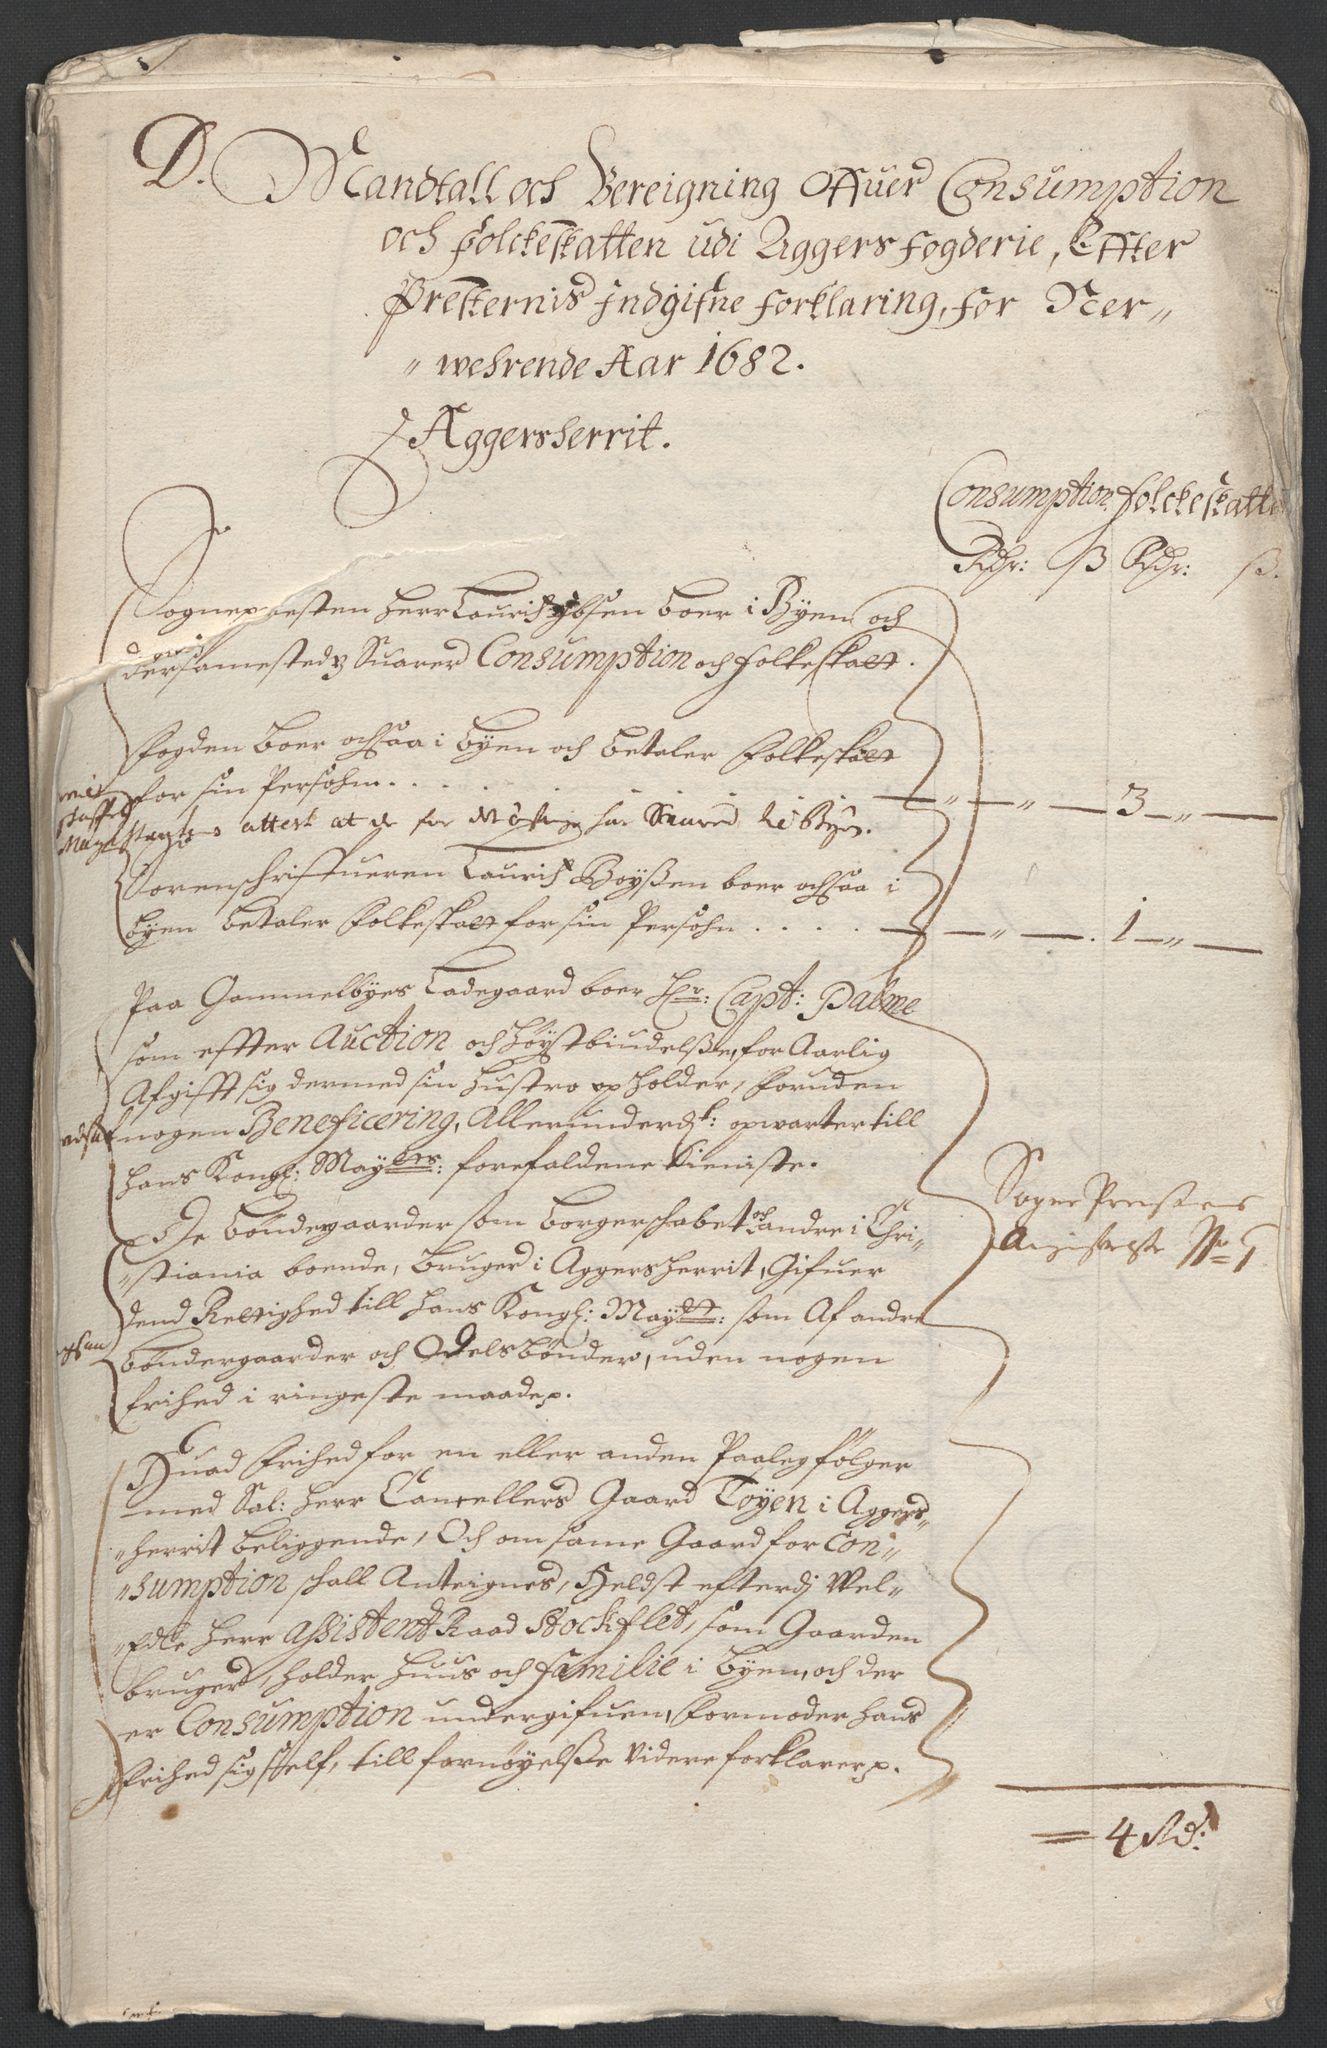 RA, Rentekammeret inntil 1814, Reviderte regnskaper, Fogderegnskap, R08/L0420: Fogderegnskap Aker, 1682-1691, s. 159